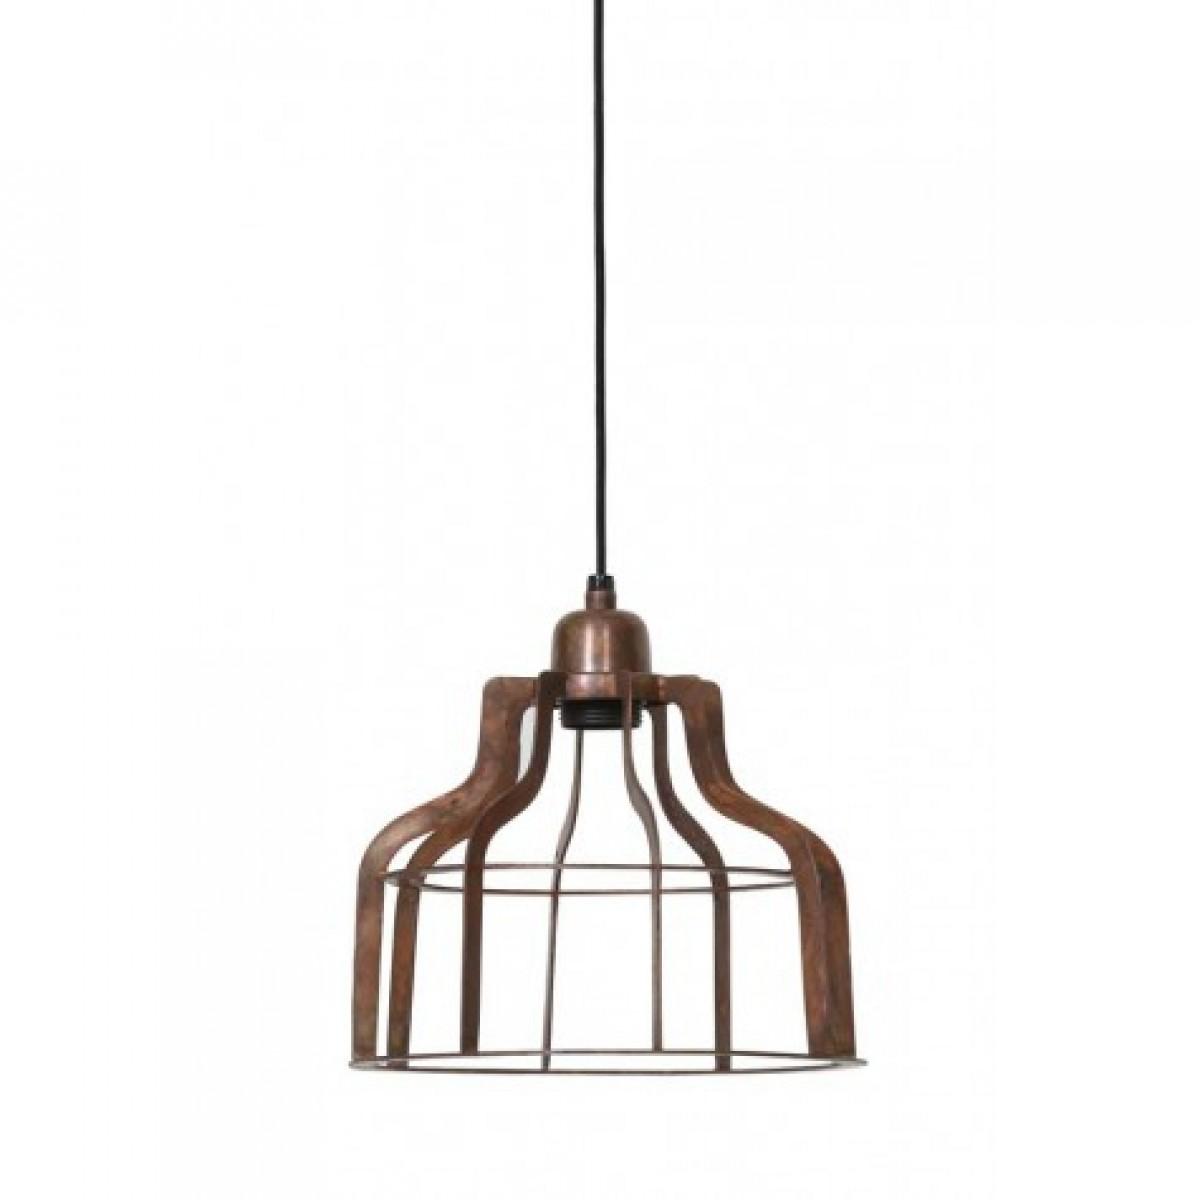 h ngeleuchte kupfer metall h ngelampe metall kupfer durchmesser 24 cm. Black Bedroom Furniture Sets. Home Design Ideas